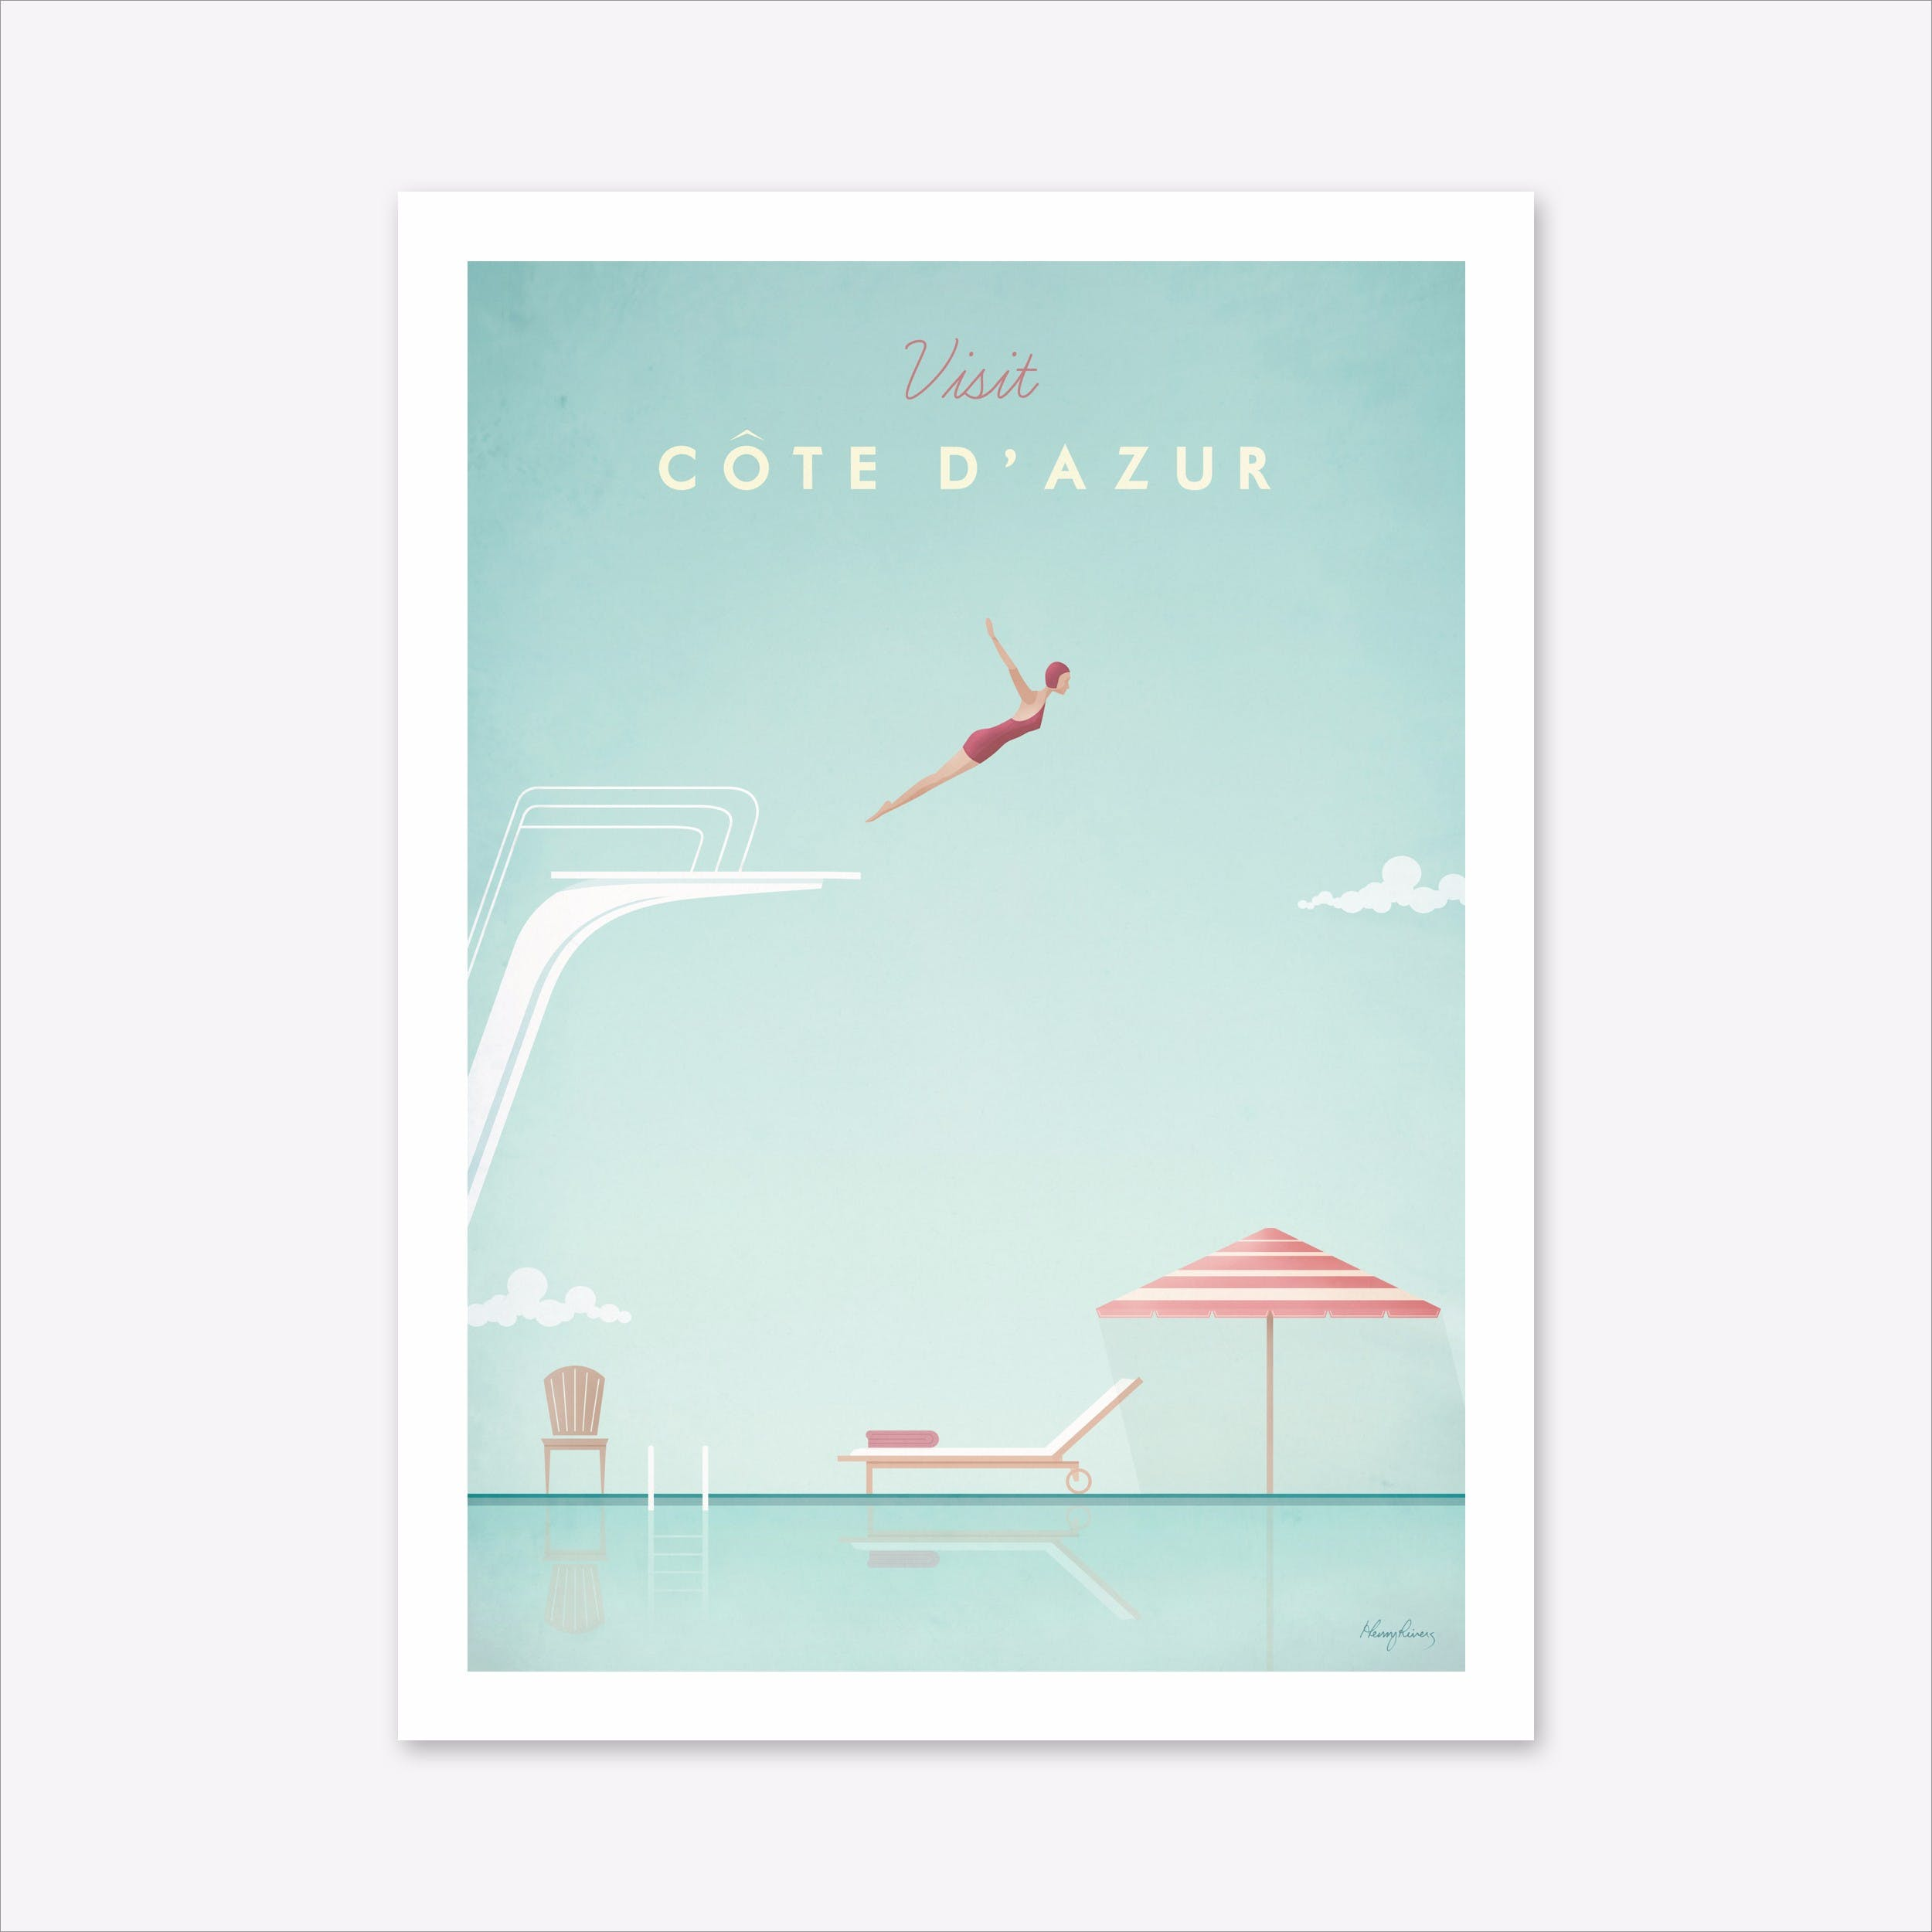 Visit Cote d'Azur Art Print